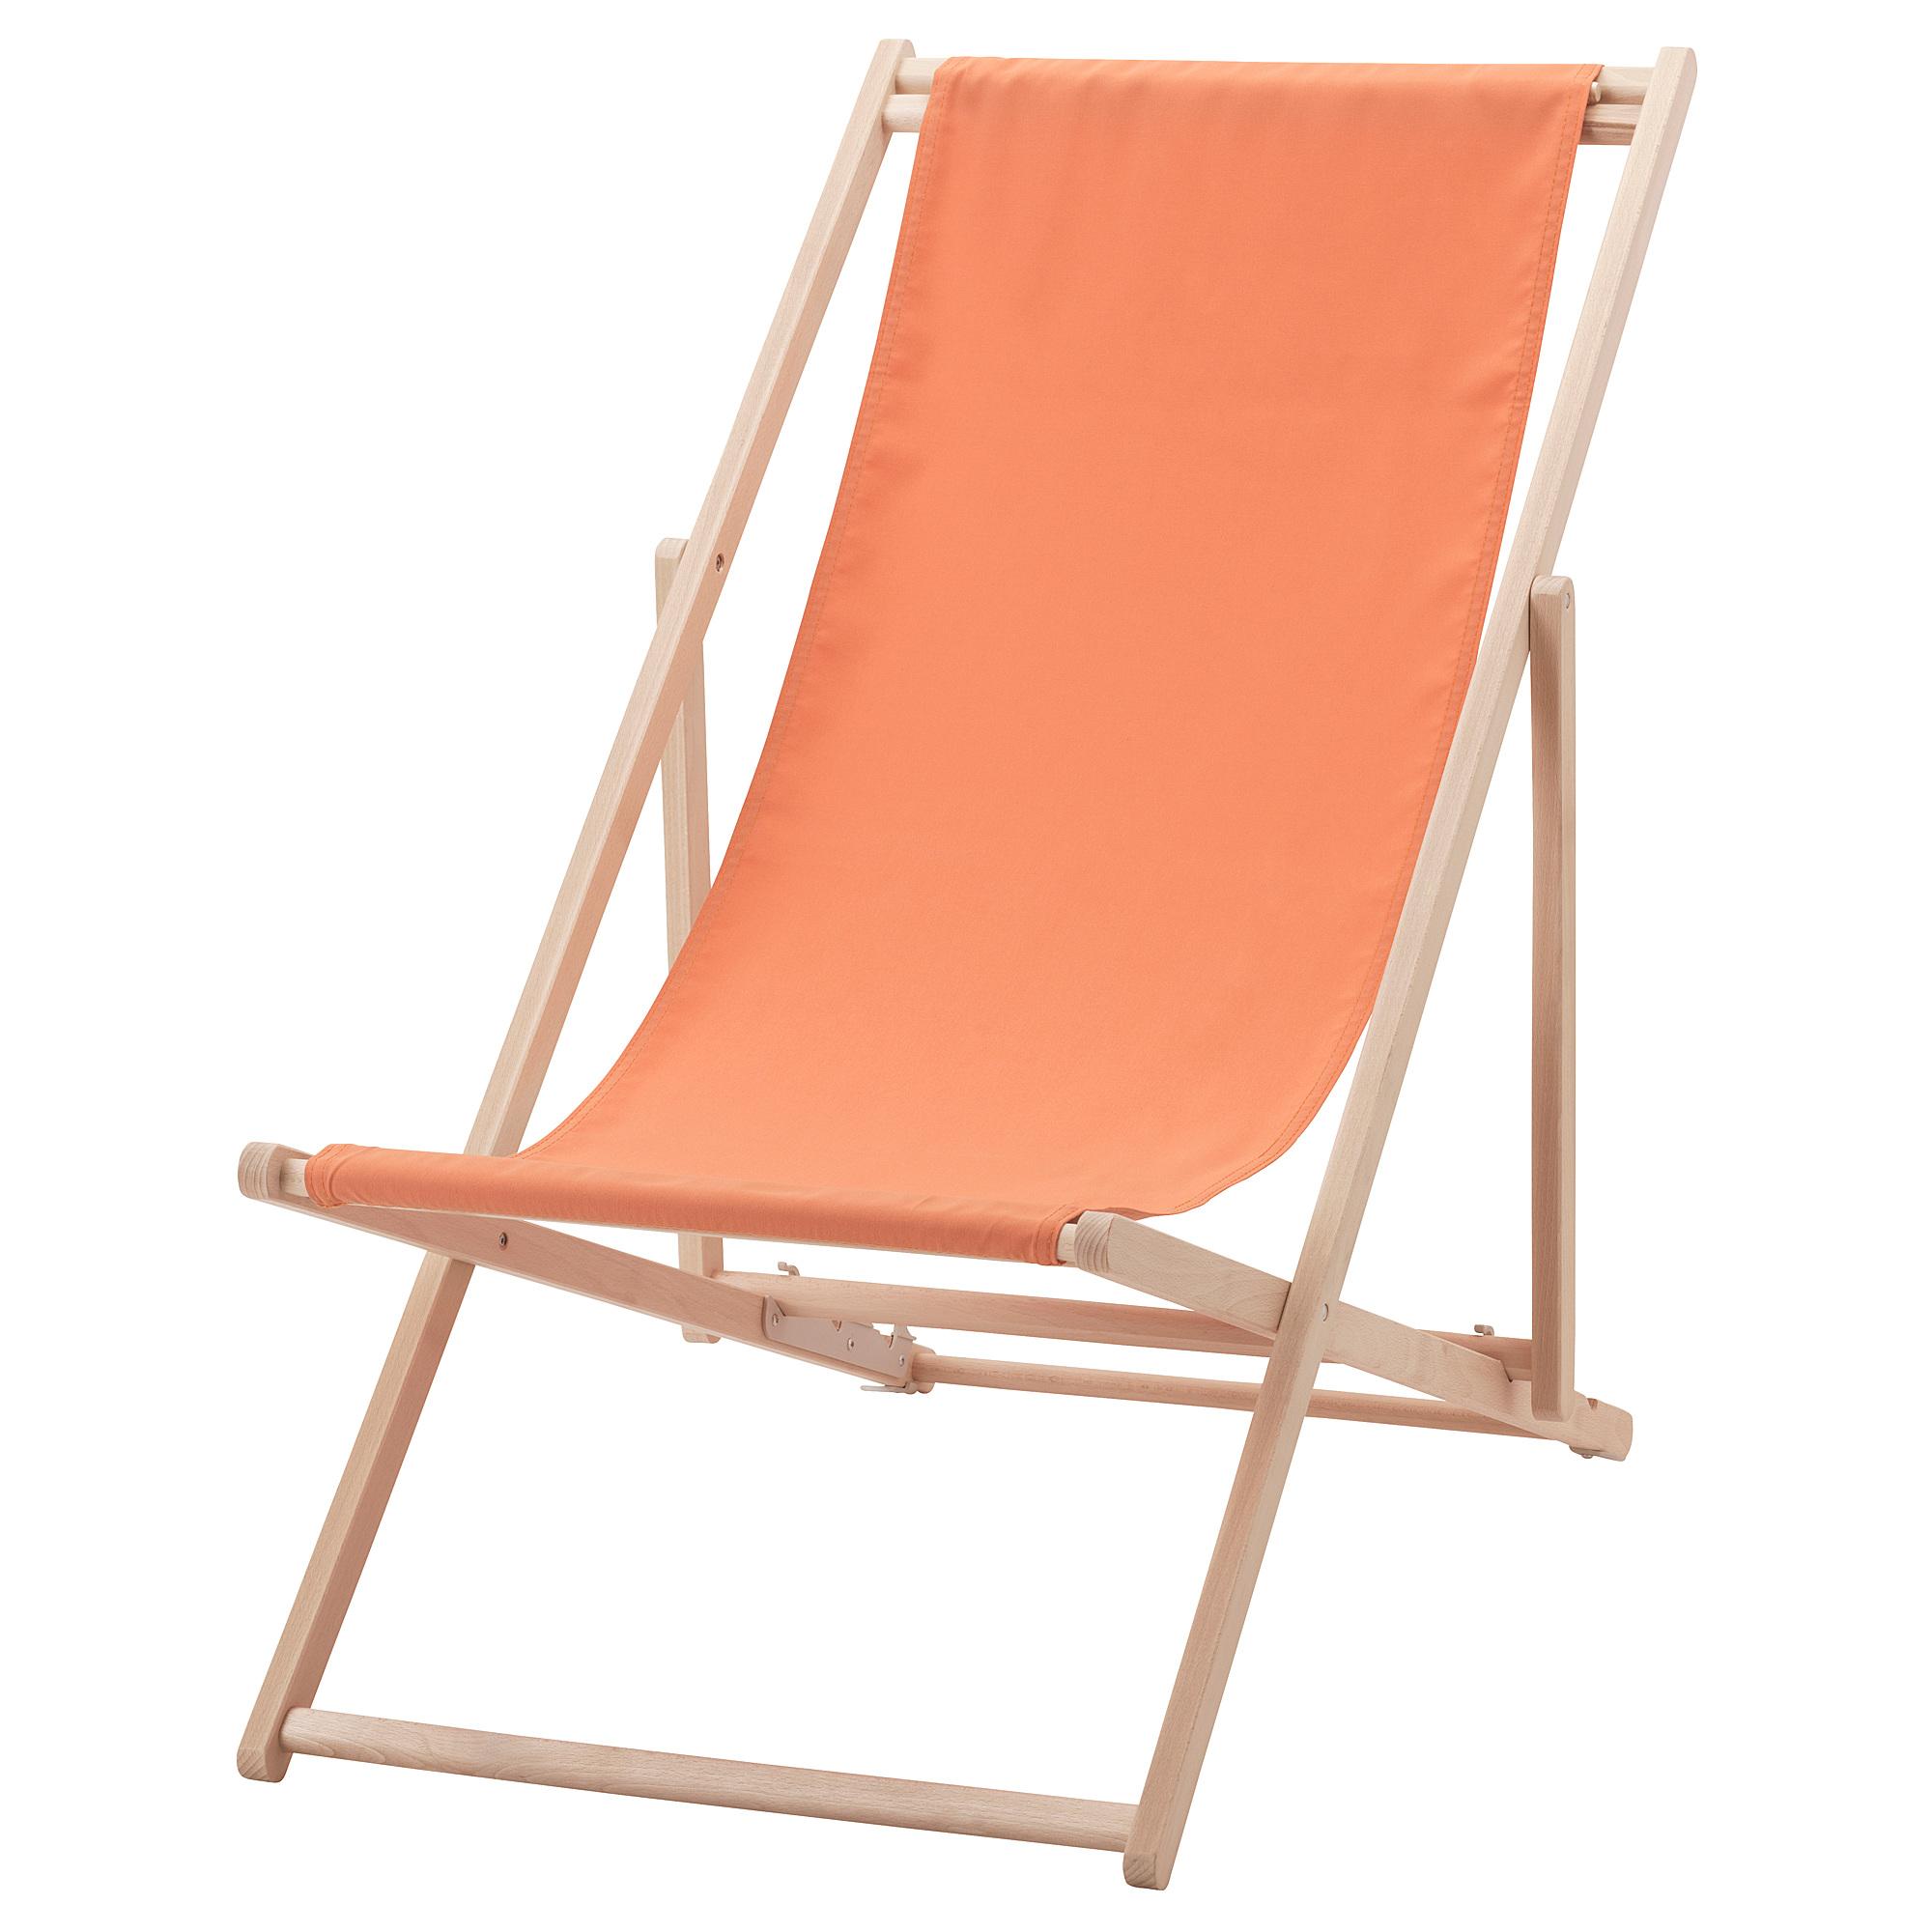 Пляжный стул МЮСИНГСО артикуль № 603.895.21 в наличии. Online каталог IKEA Беларусь. Быстрая доставка и установка.